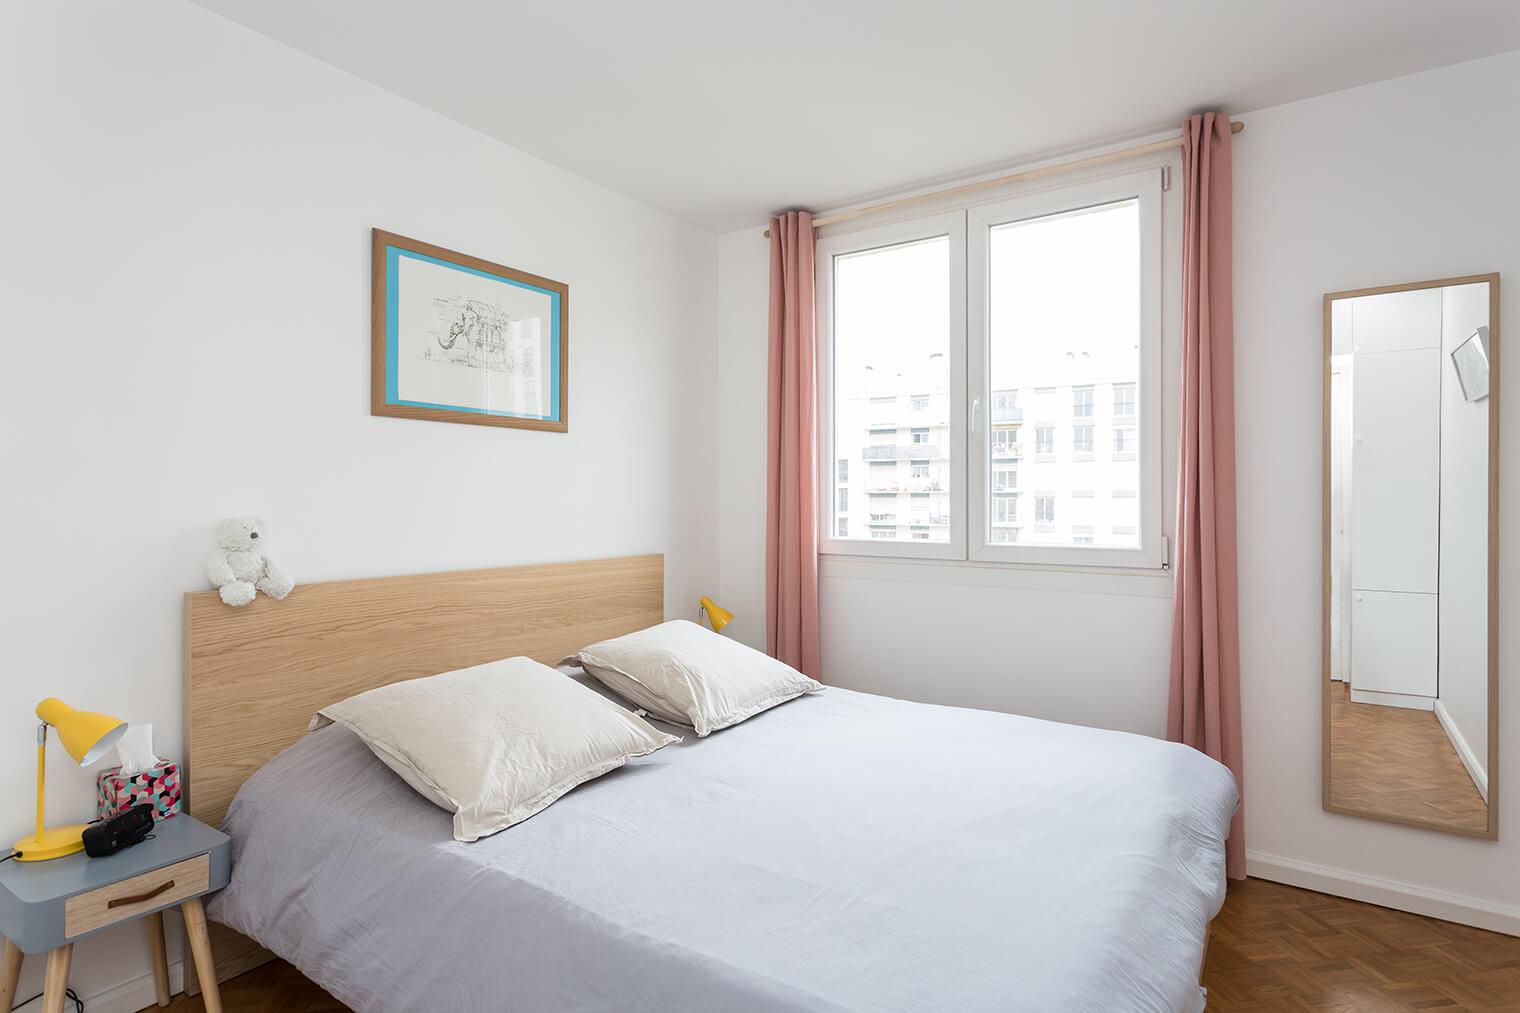 Rénovation chambre avec parquet damier